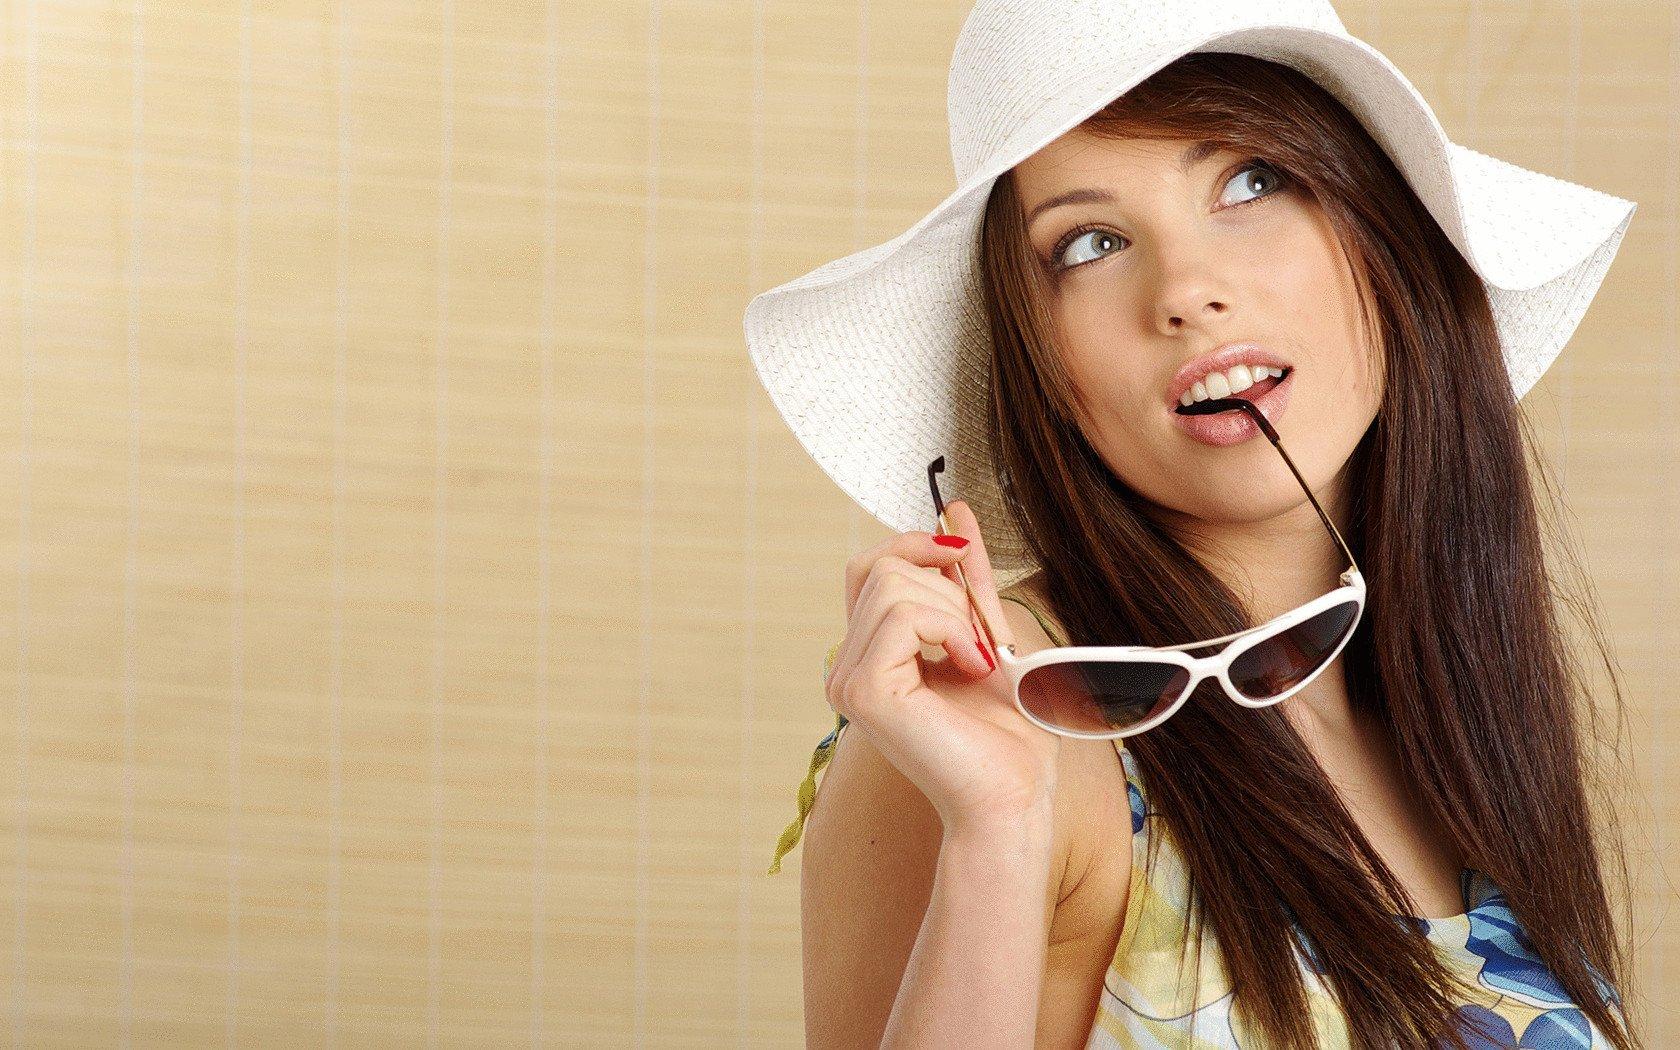 Советы для девушек как покорить мужчину - Близнеца